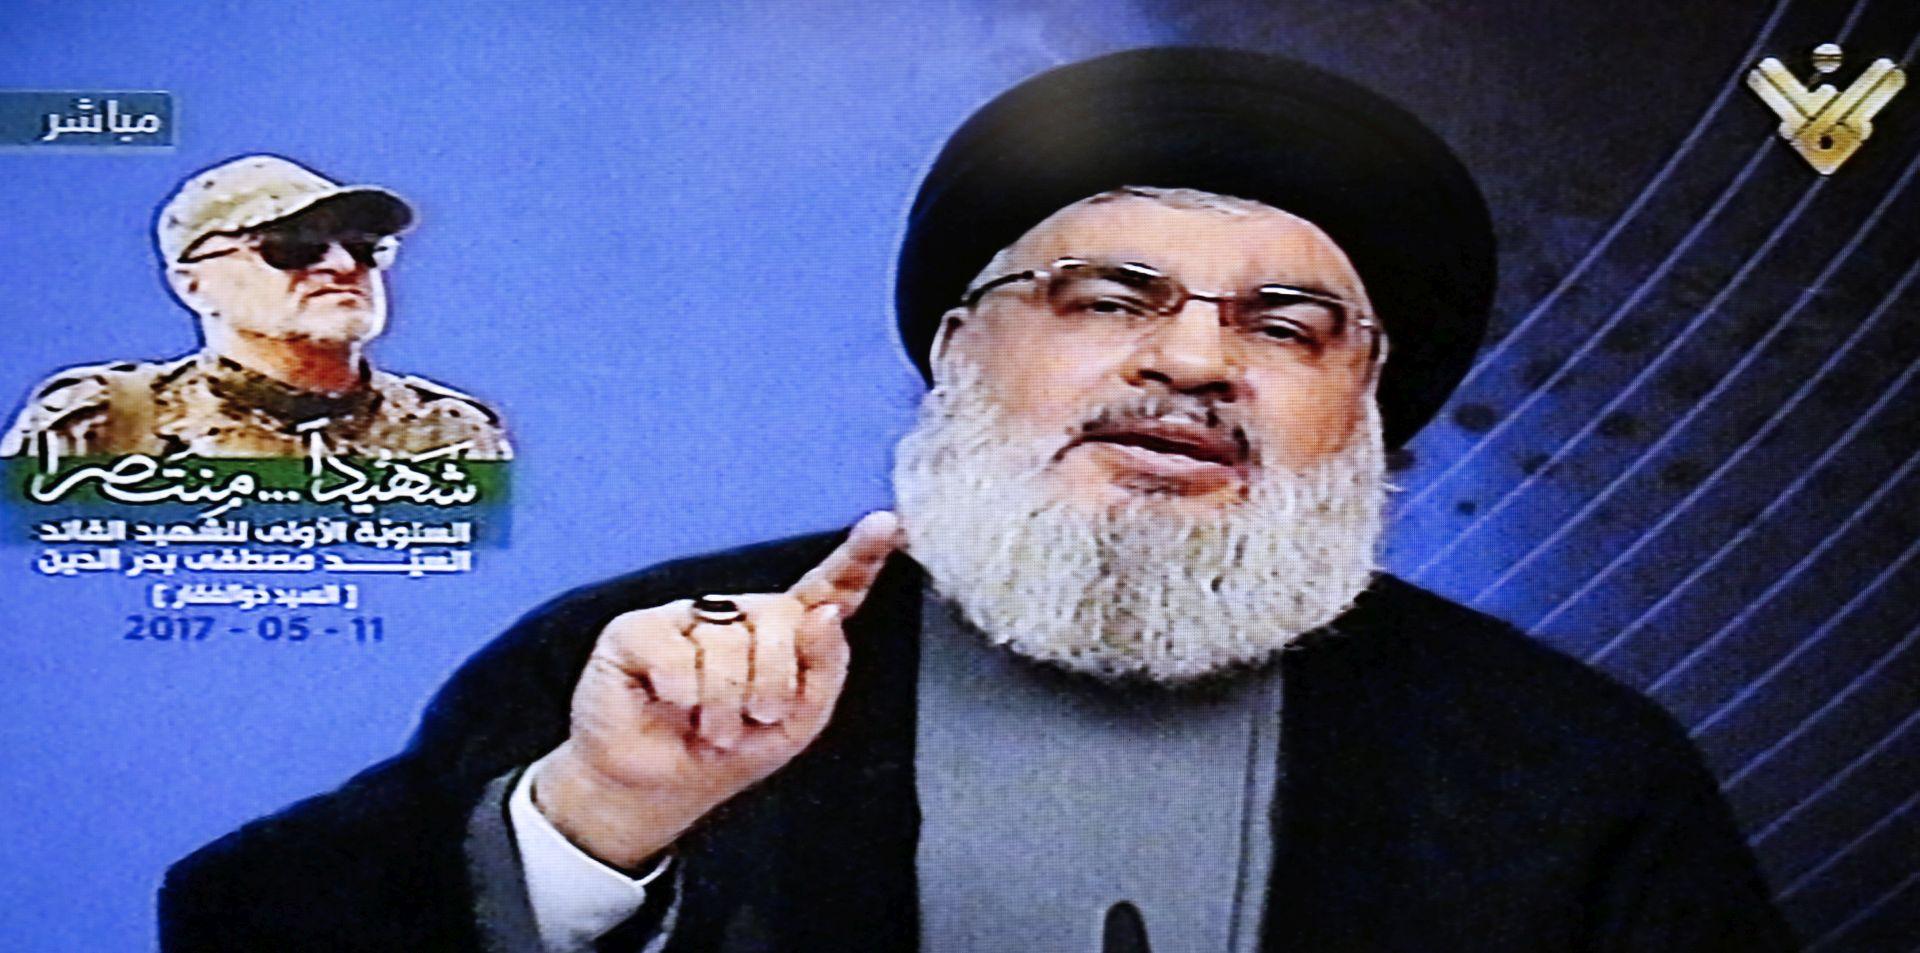 Hezbollah kaže da bi budući rat s Izraelom mogao biti na izraelskom teritoriju